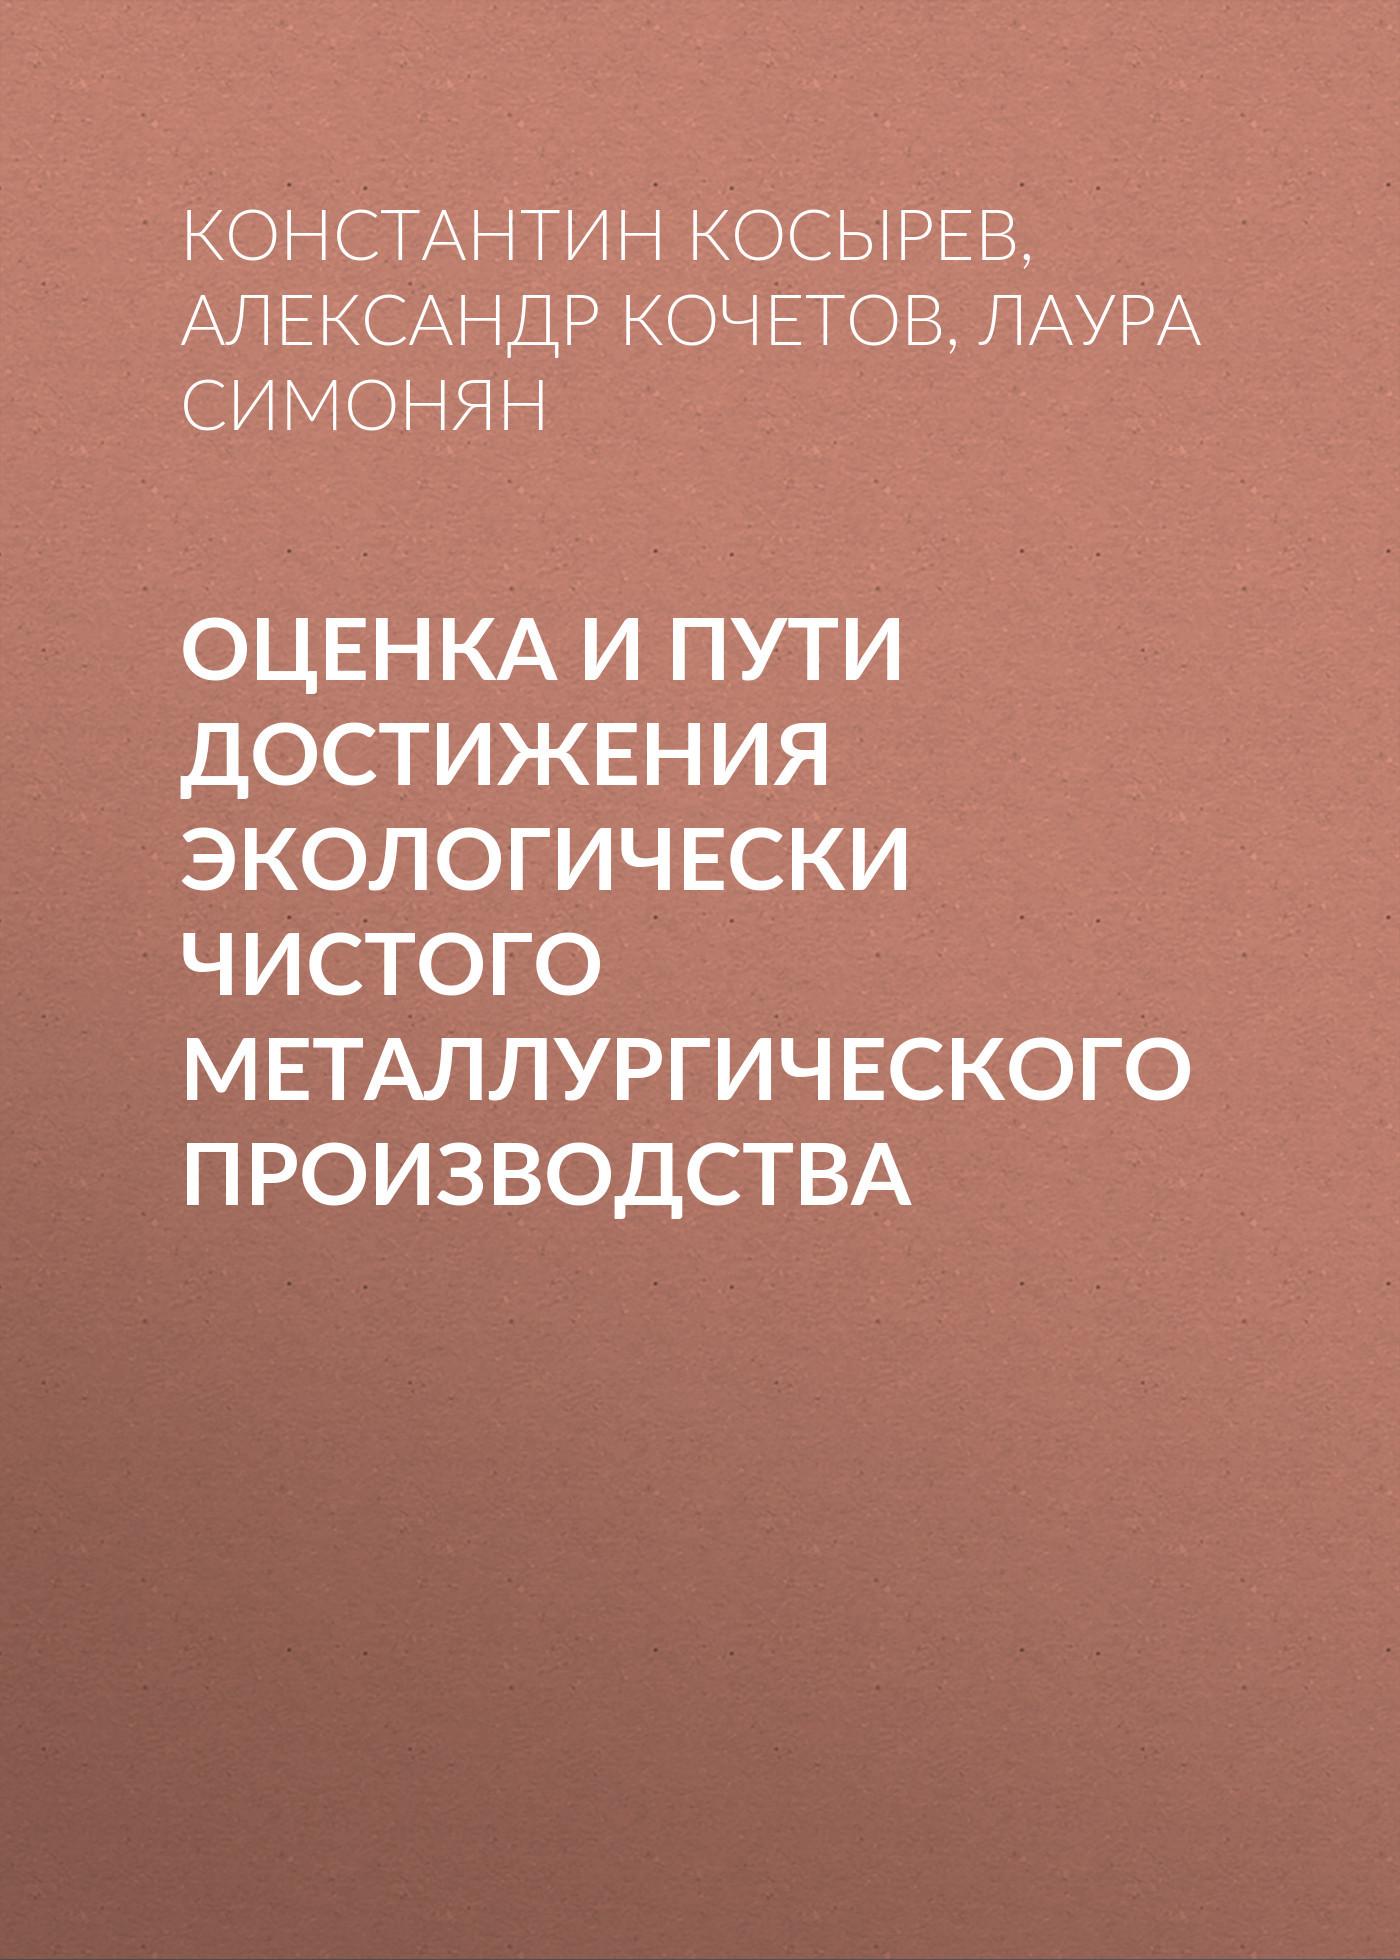 Александр Кочетов Оценка и пути достижения экологически чистого металлургического производства александр кочетов анализ показателей деятельности мисис за 2006 год